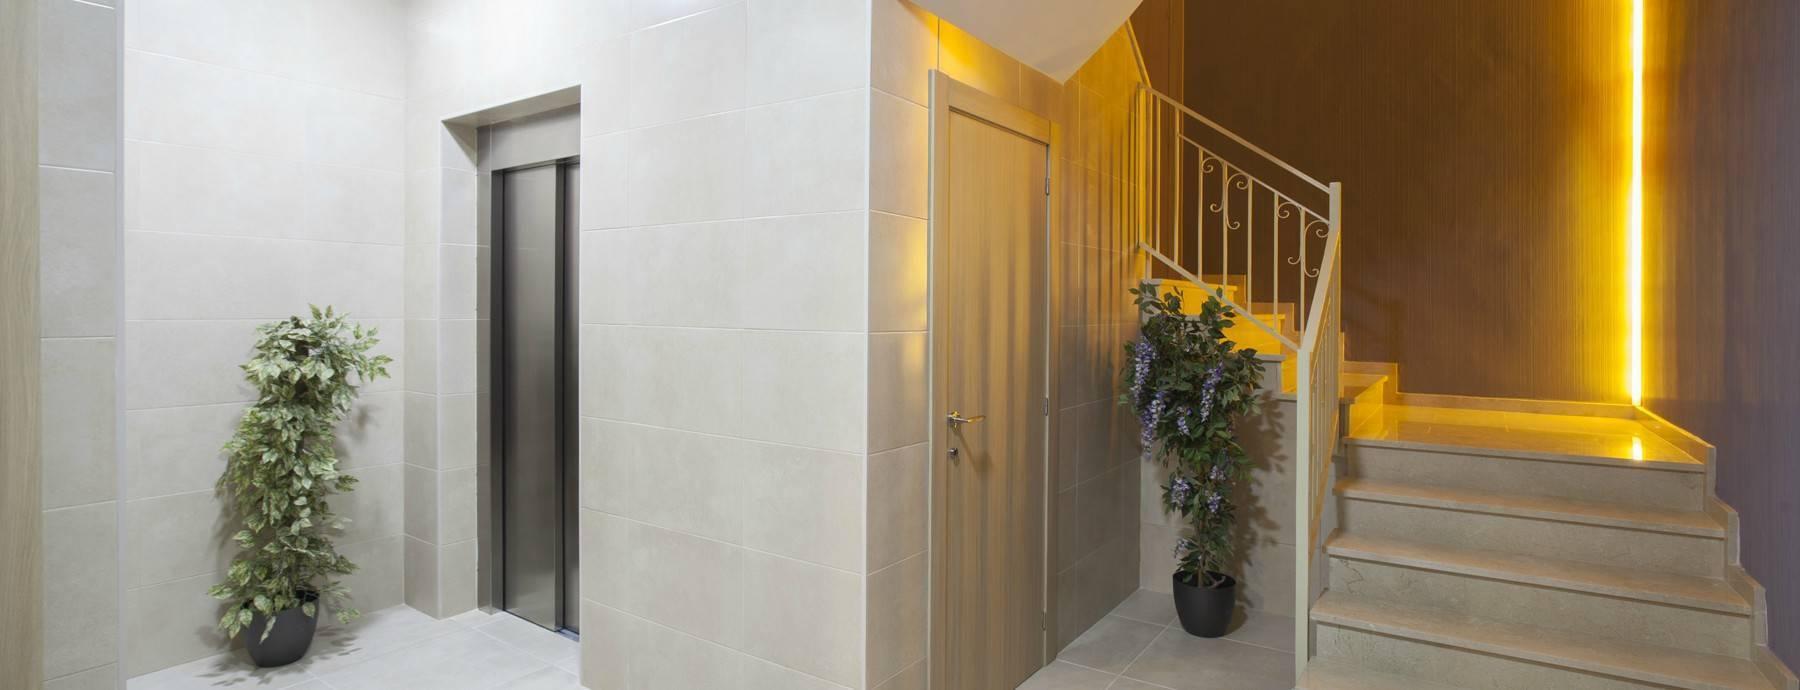 eliminacion de barreras arquitectonicas valencia